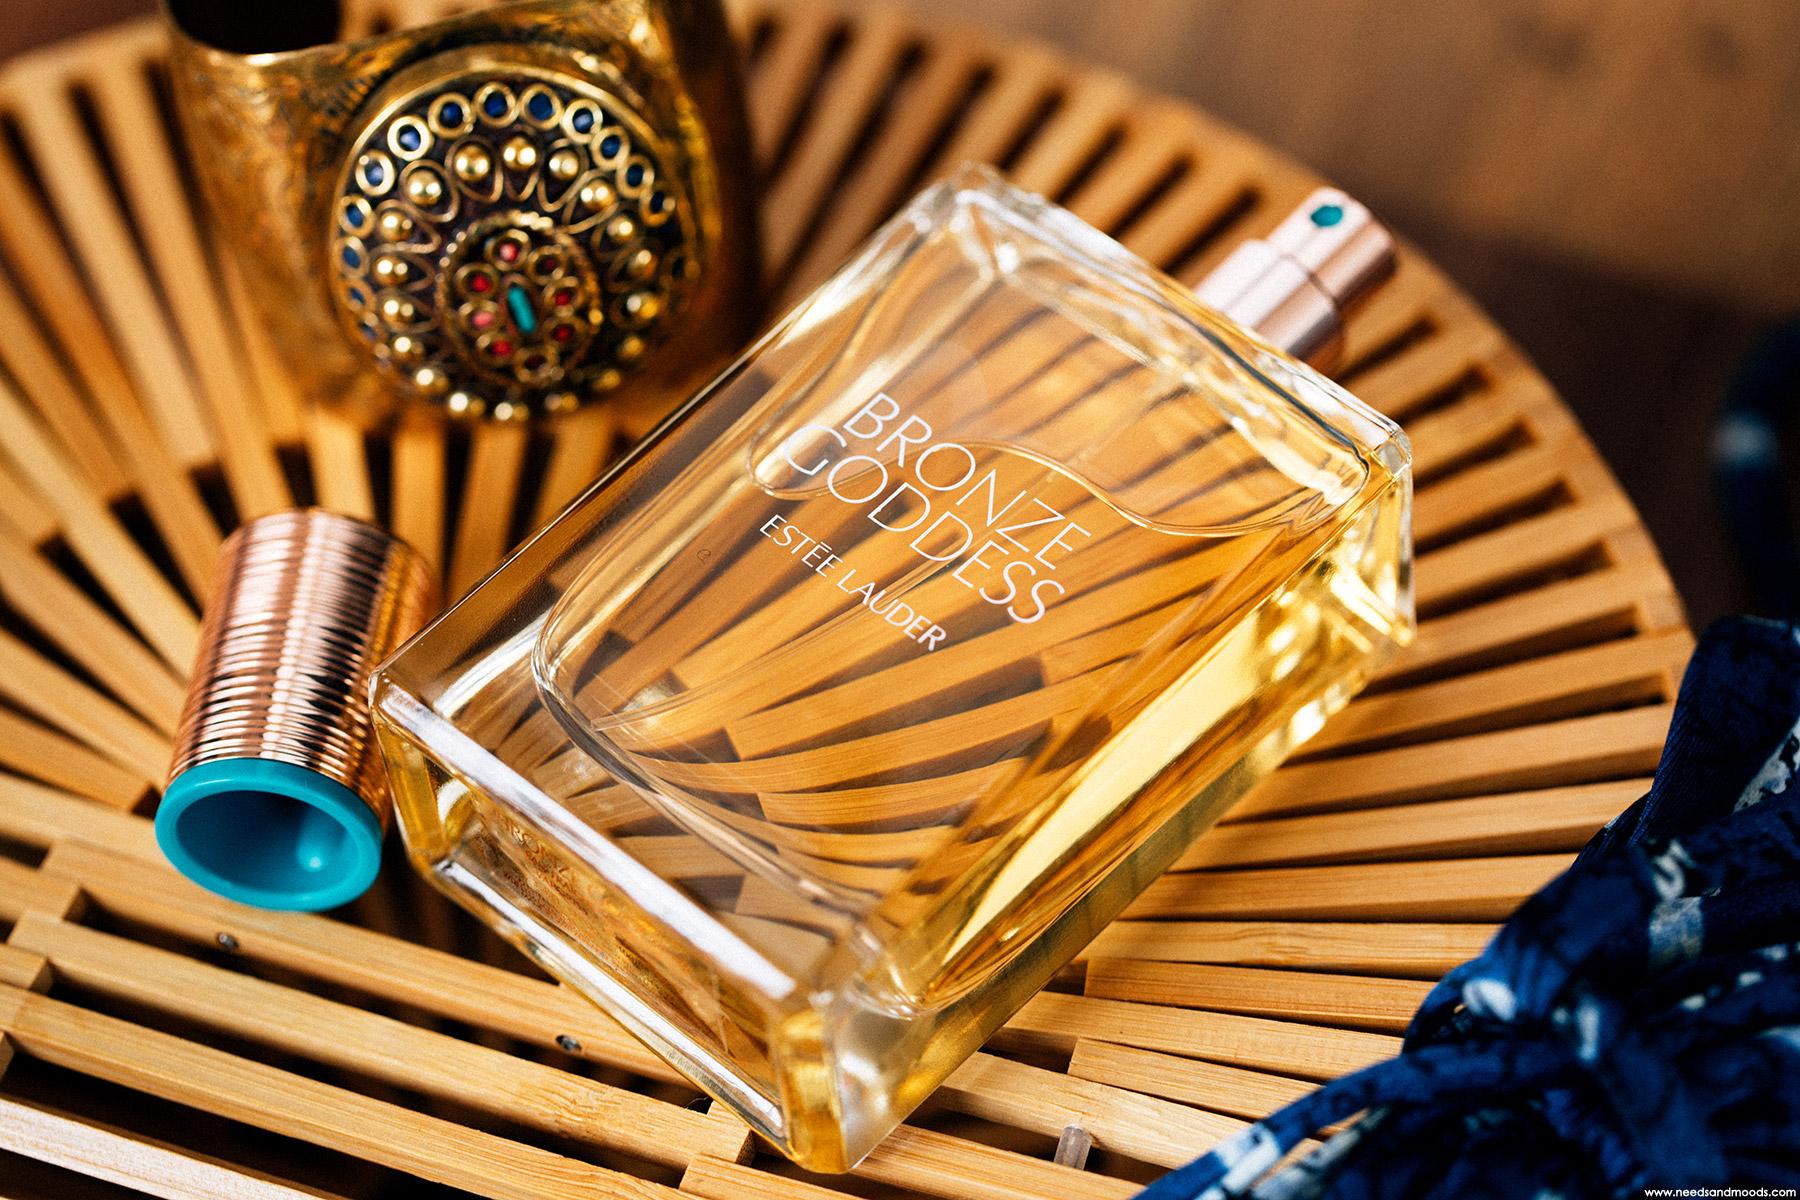 bronze goddess eau fraiche estee lauder parfum